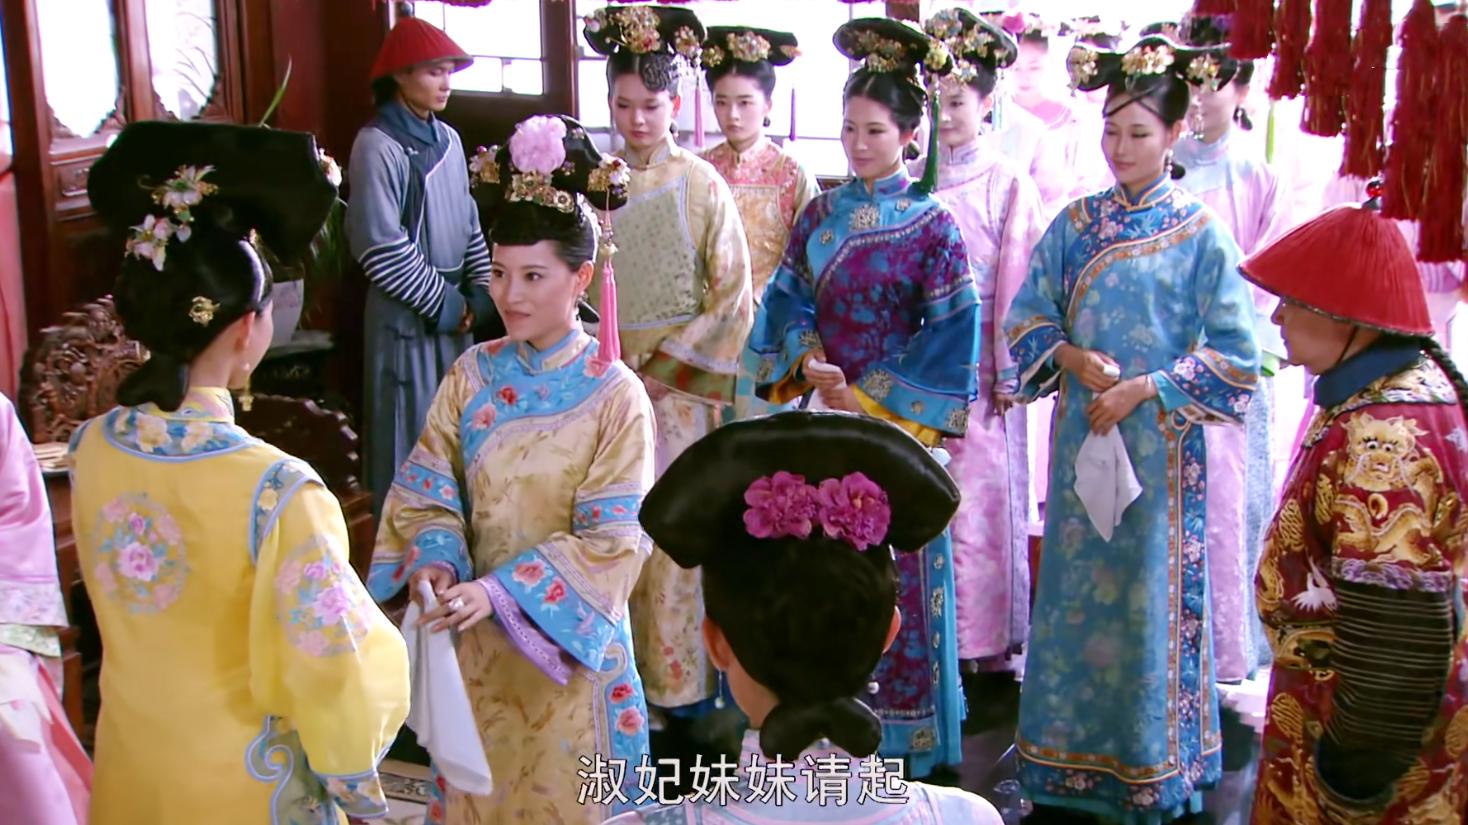 昔日歌女晋升皇贵妃,身穿一袭明黄华服,颜值瞬间秒杀一众妃嫔们